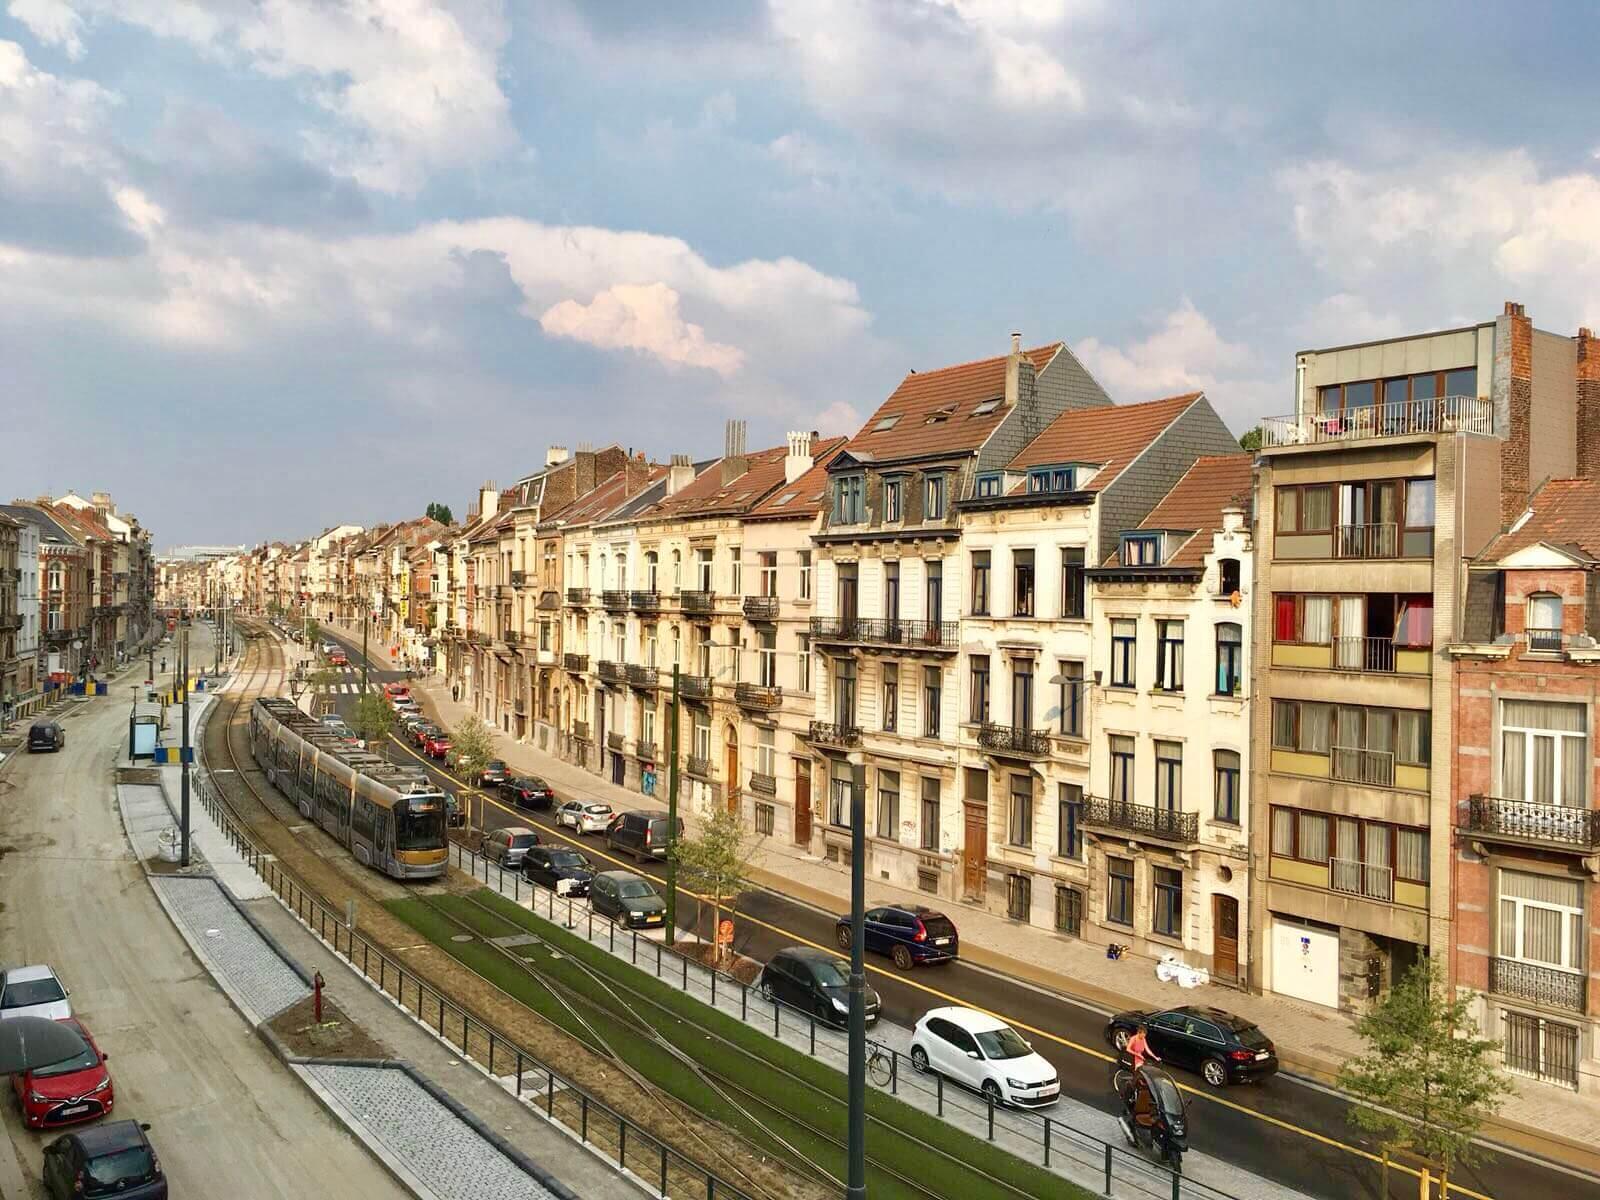 Boulevard Général Jacques 13